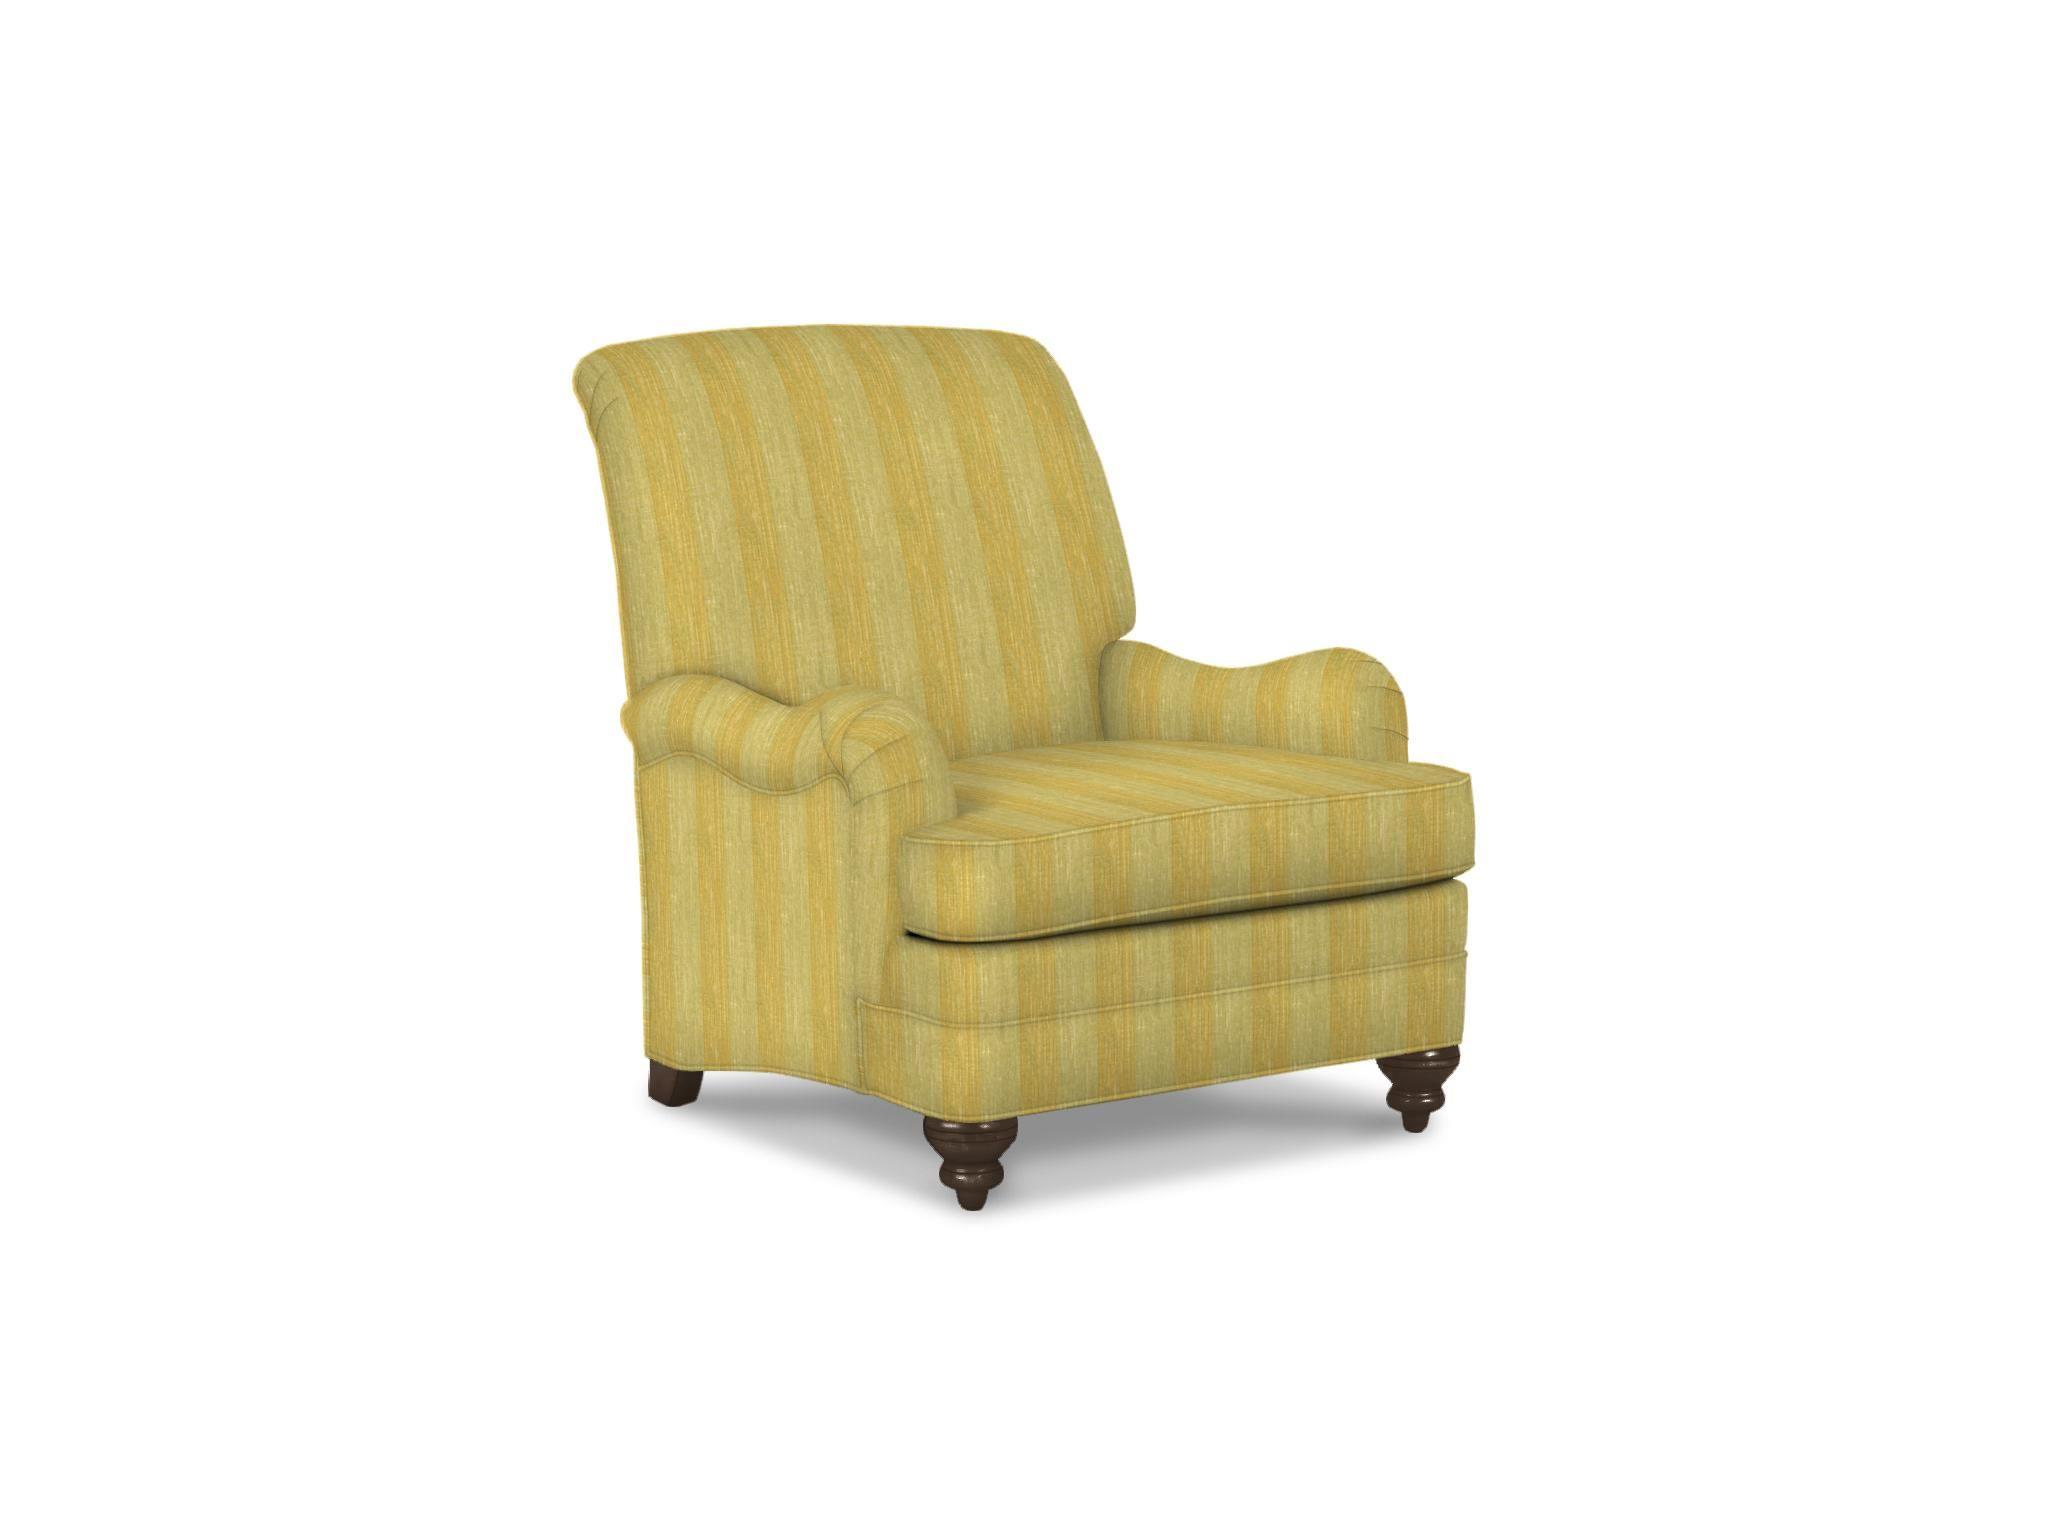 Ethan Allen Living Room Mercer Chair 207591 Ethan Allen